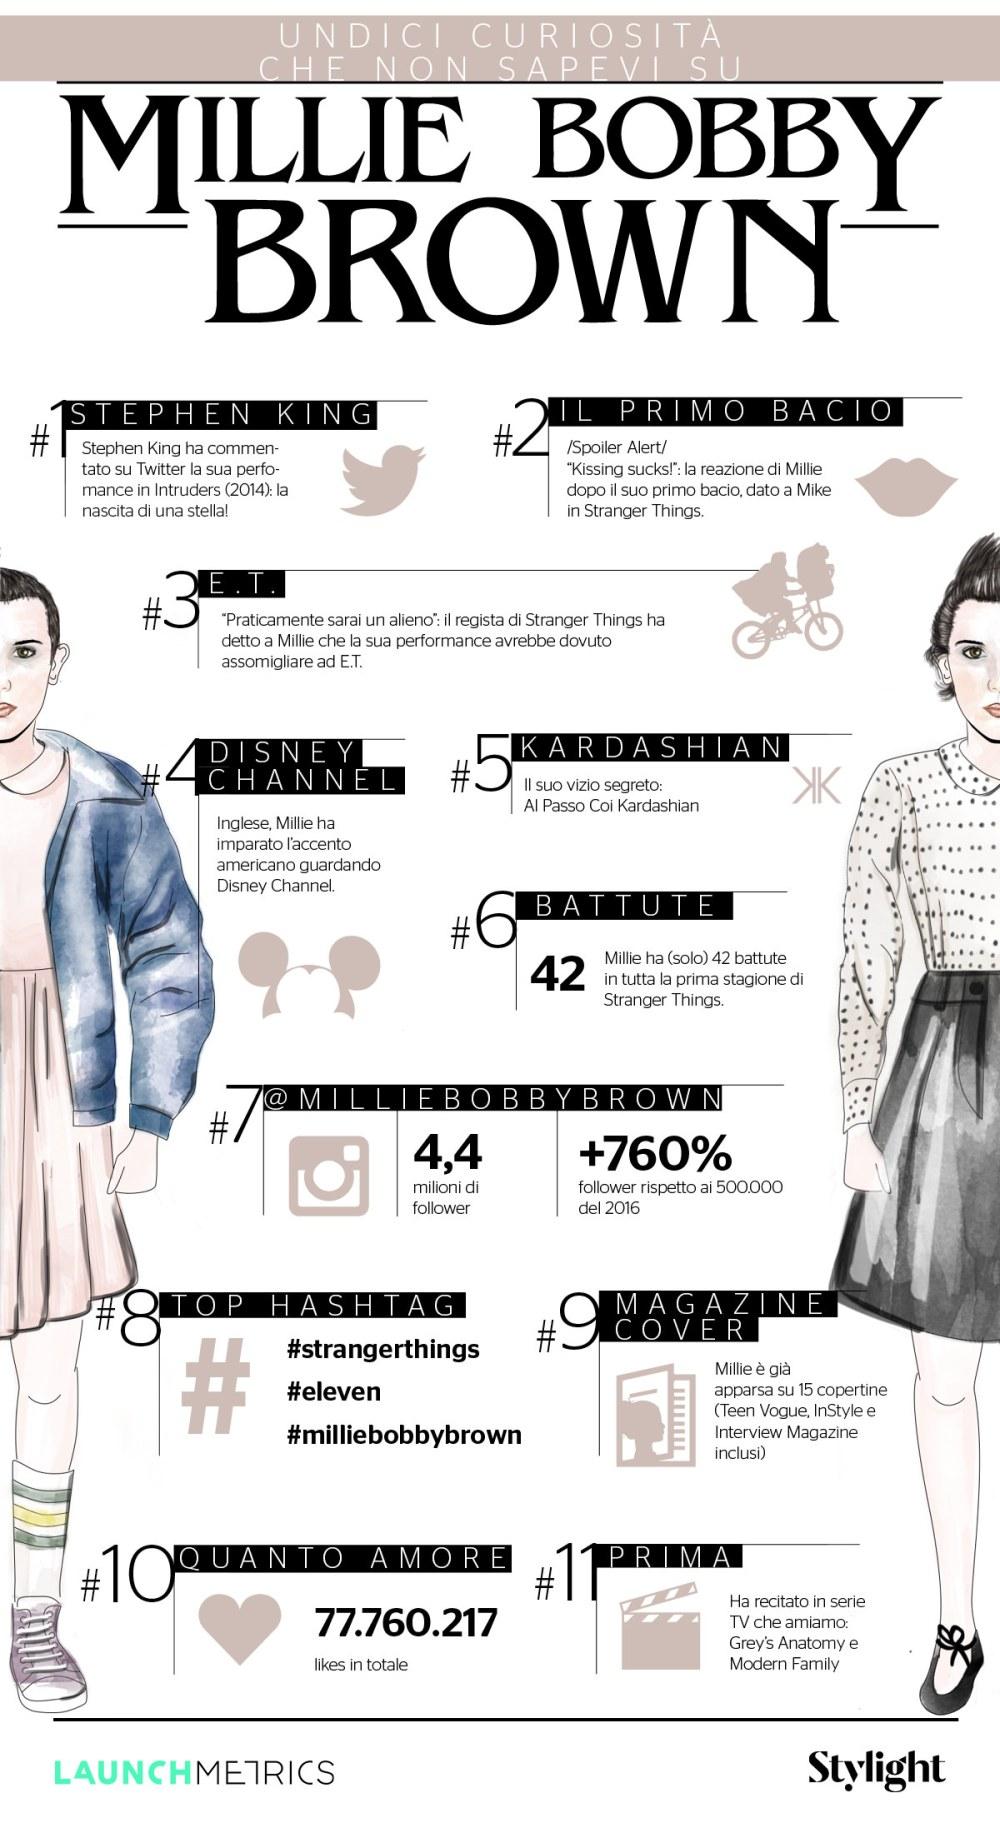 Undici Curiosità Che Non Sapevi Su Millie Bobby Brown - Infografica Stylight